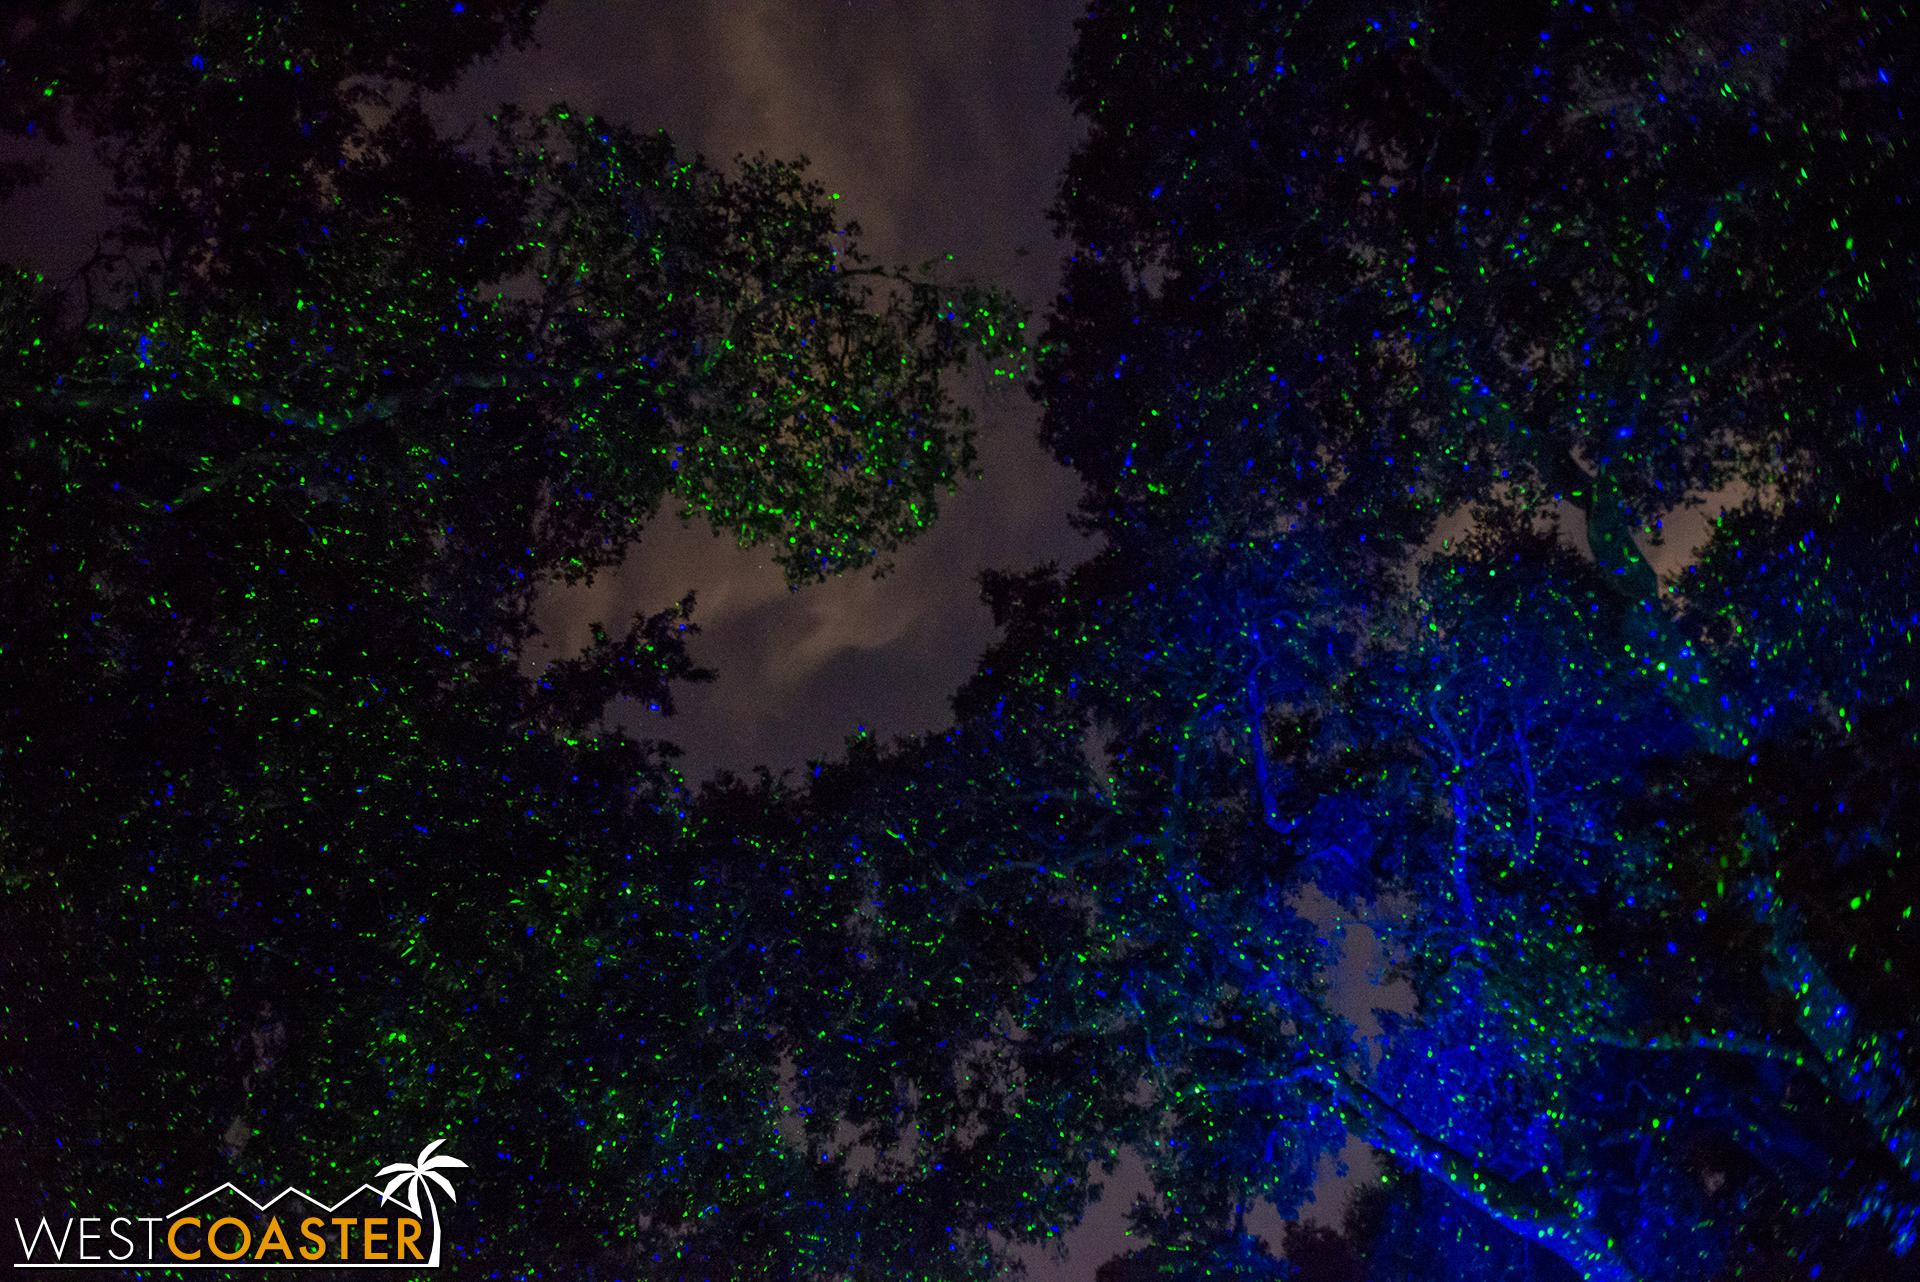 Descanso-17_1201-08-AncientForest-0010.jpg